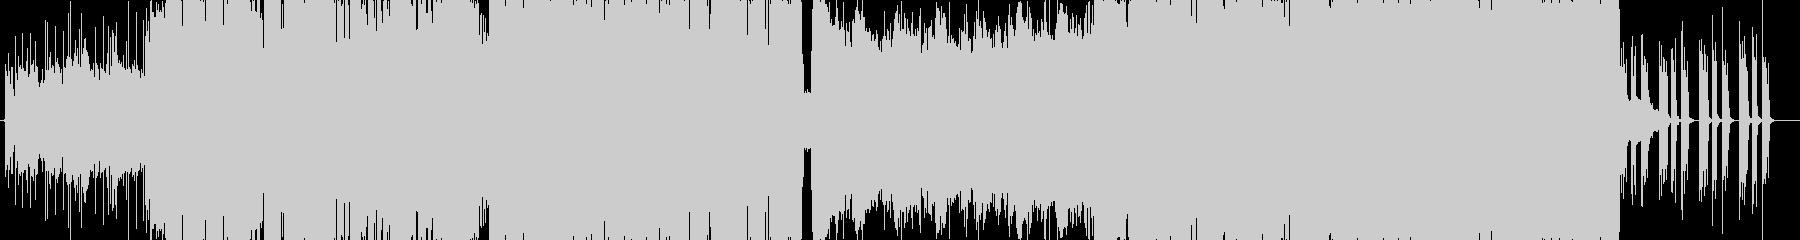 【ダブステップ】EDM・オープニング映像の未再生の波形